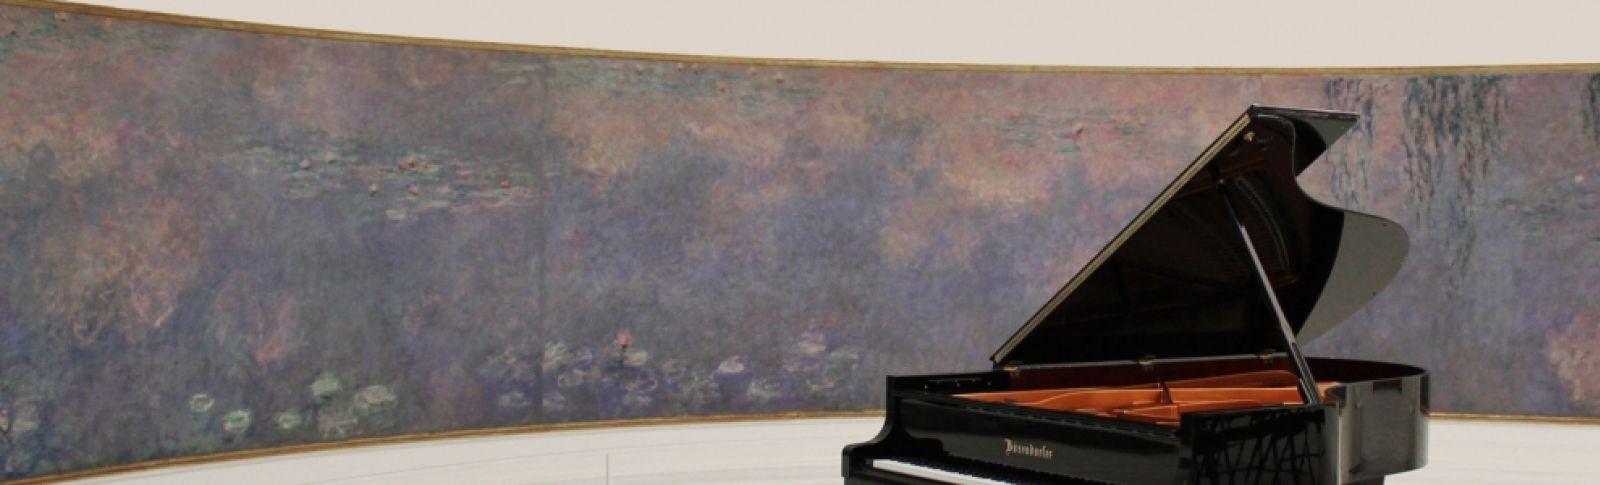 orangerie_cycle_piano_nympheas